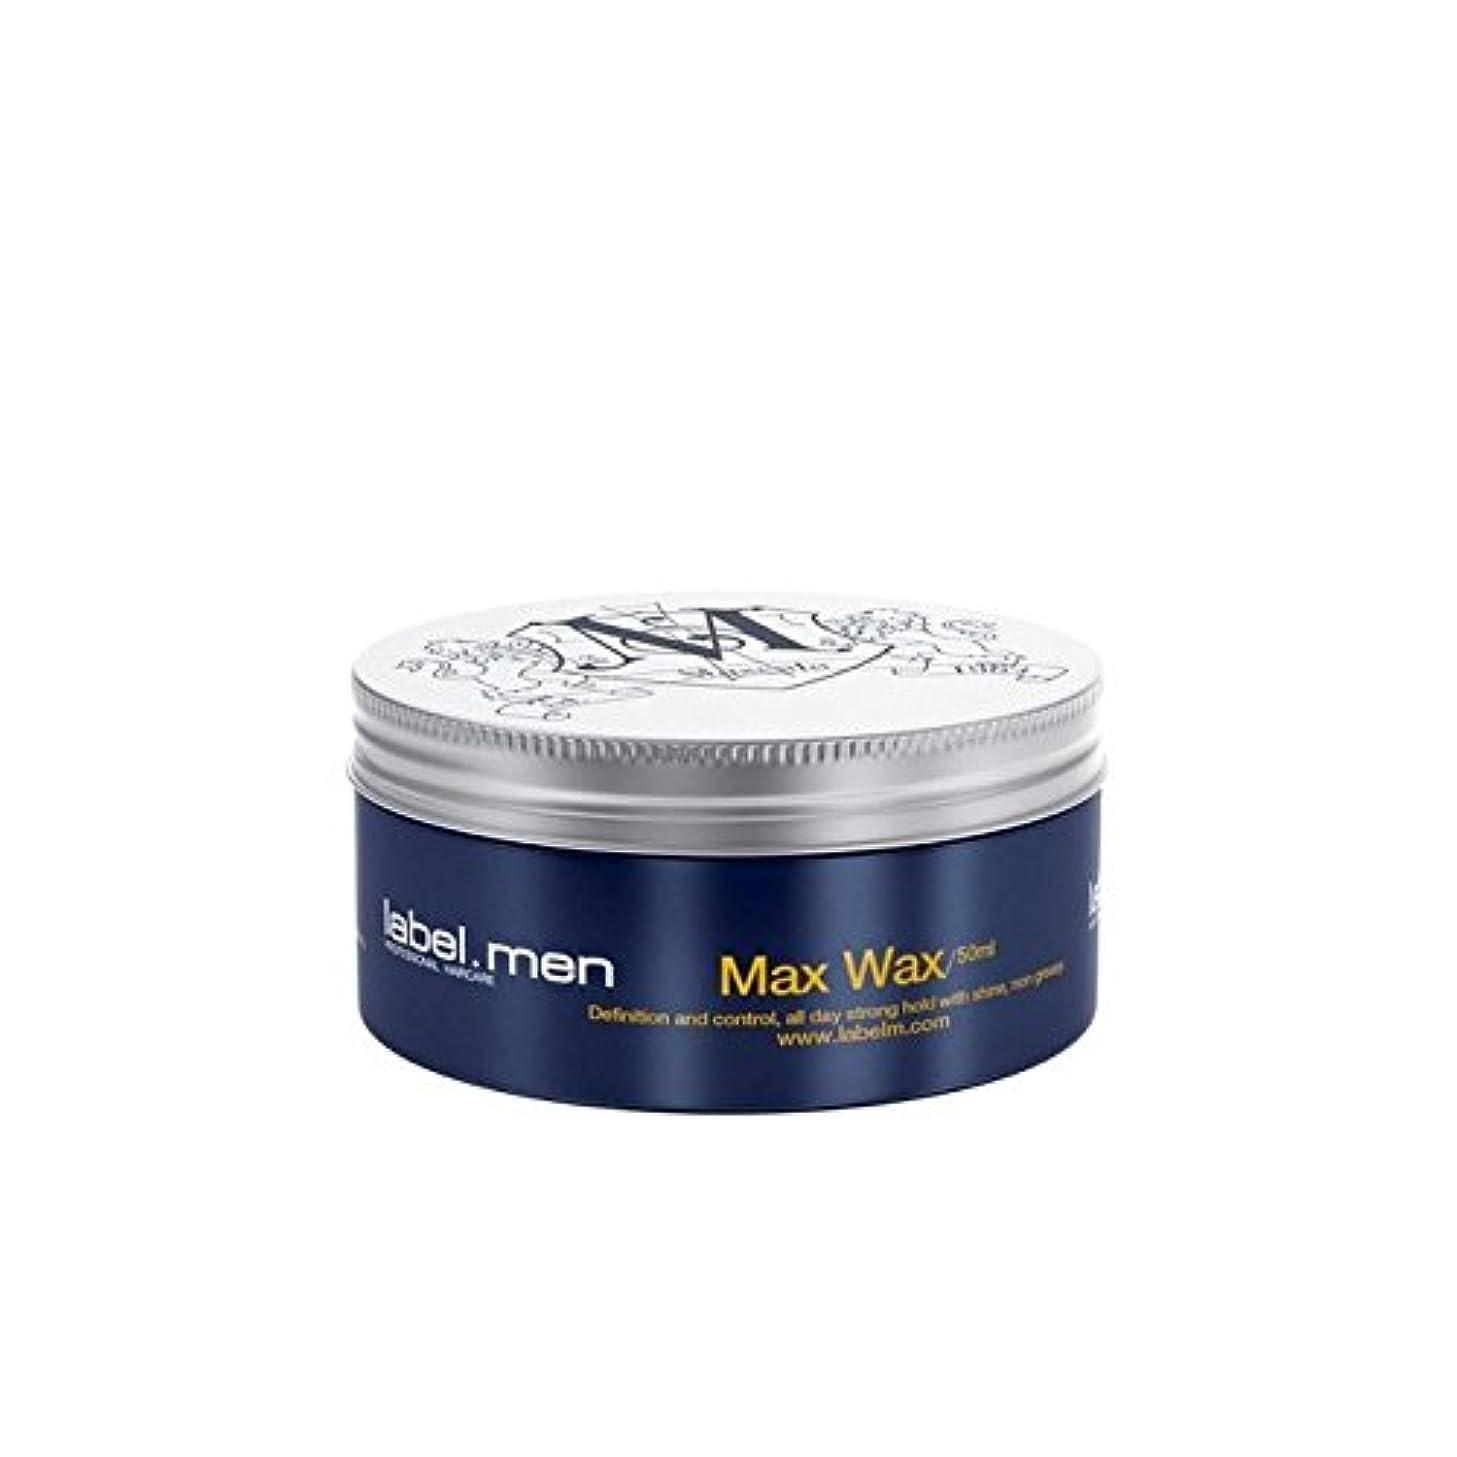 .マックスワックス(50ミリリットル) x2 - Label.Men Max Wax (50ml) (Pack of 2) [並行輸入品]